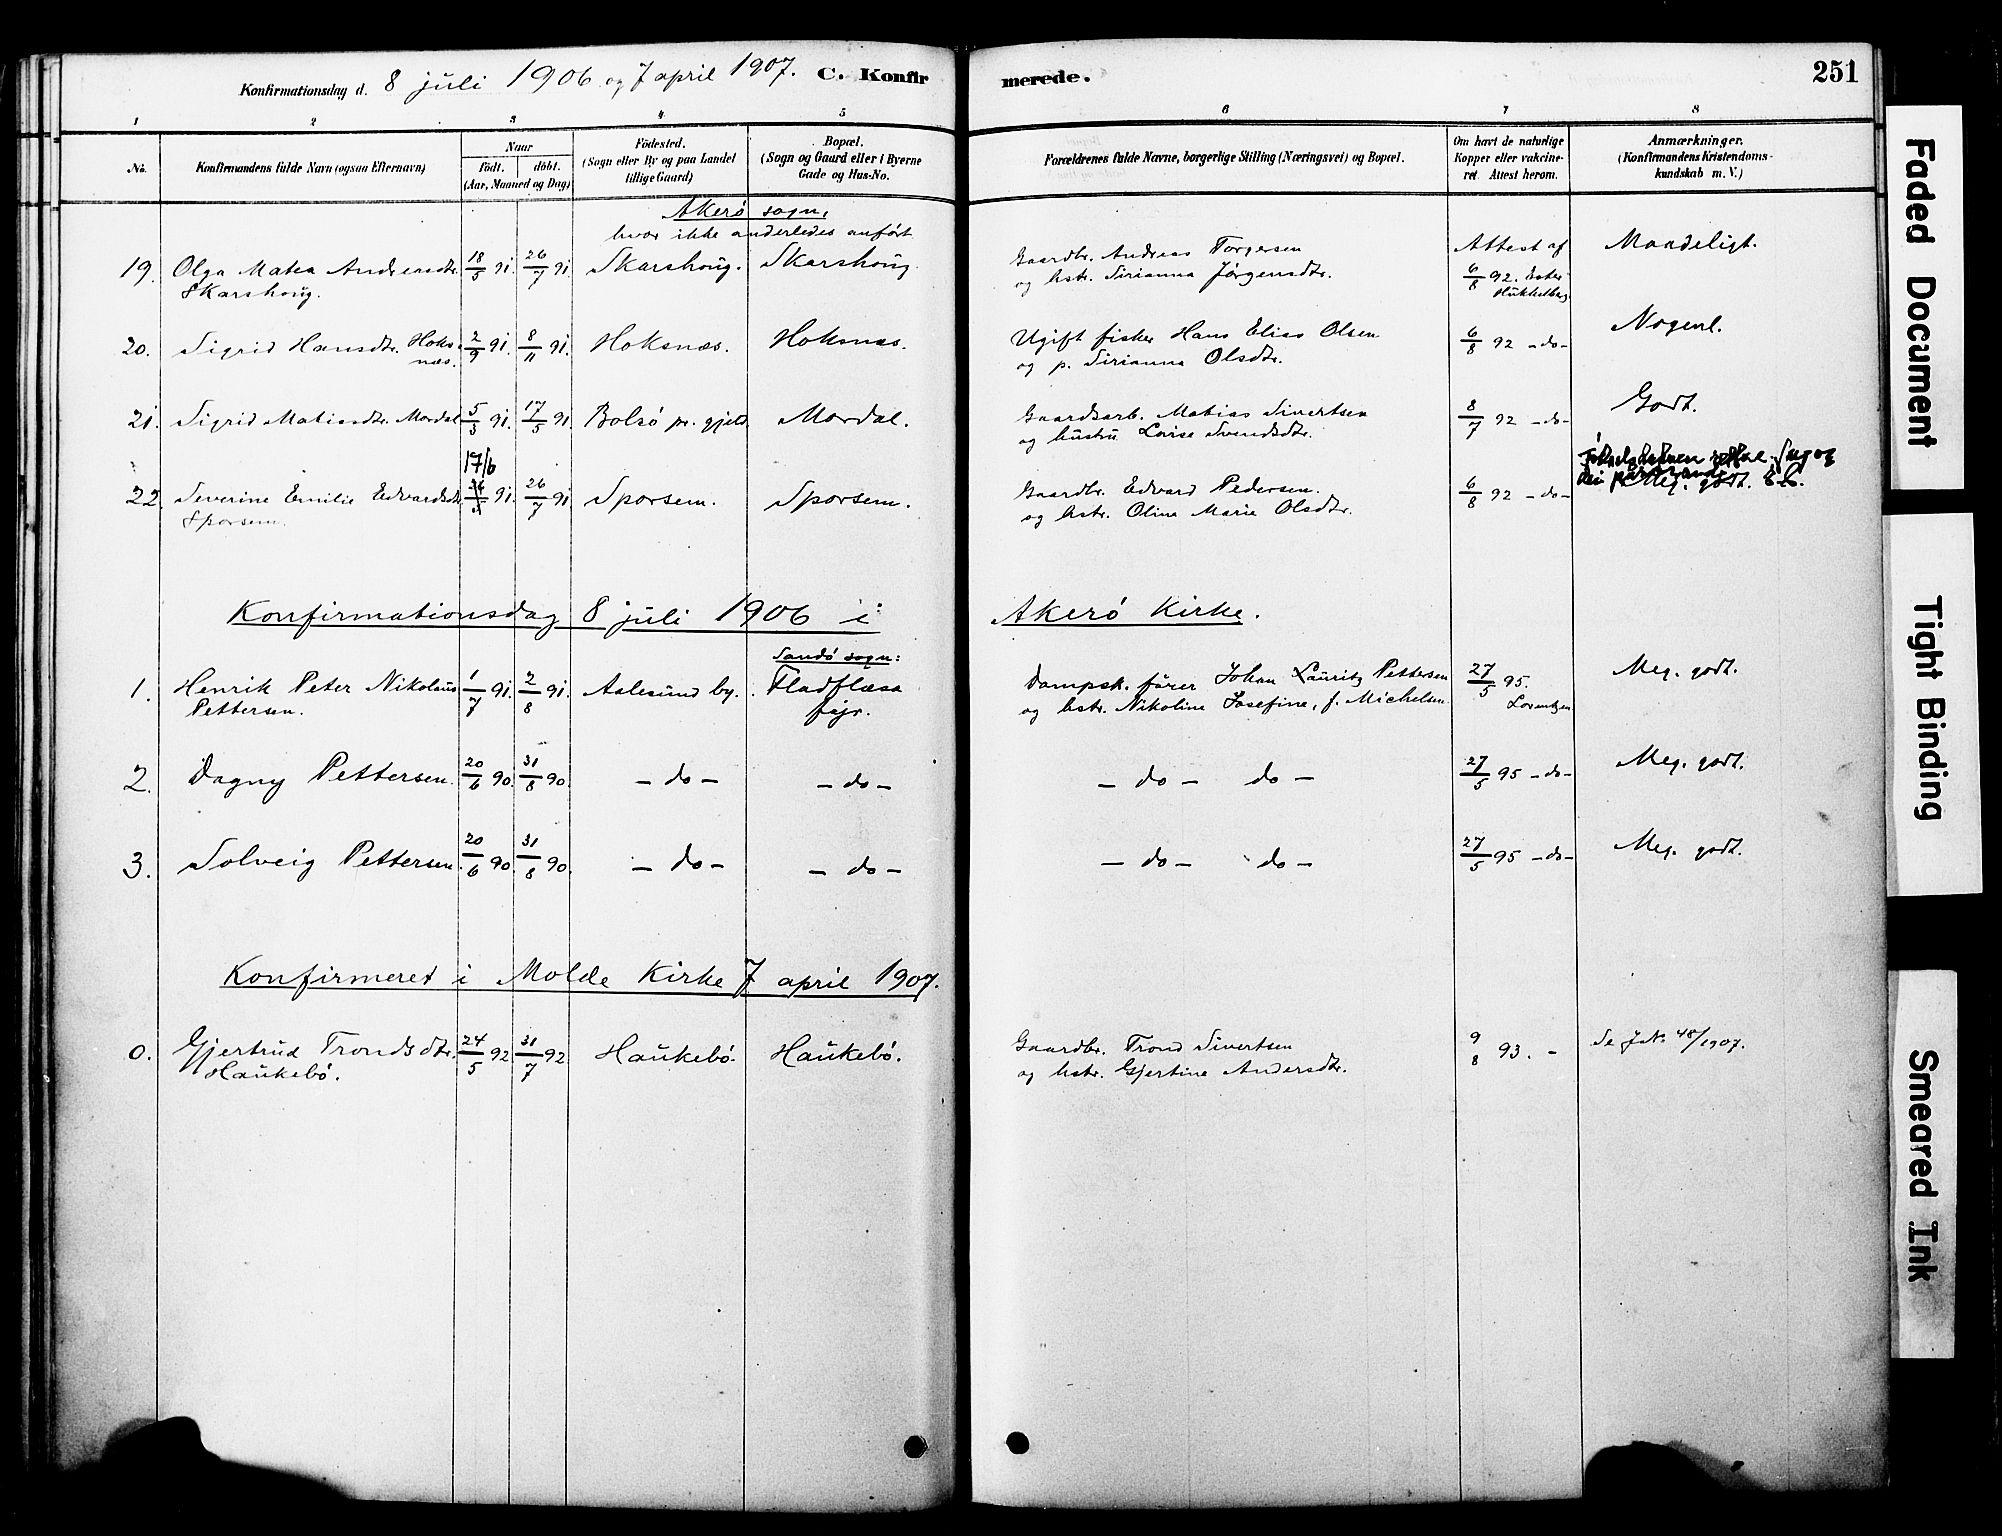 SAT, Ministerialprotokoller, klokkerbøker og fødselsregistre - Møre og Romsdal, 560/L0721: Ministerialbok nr. 560A05, 1878-1917, s. 251